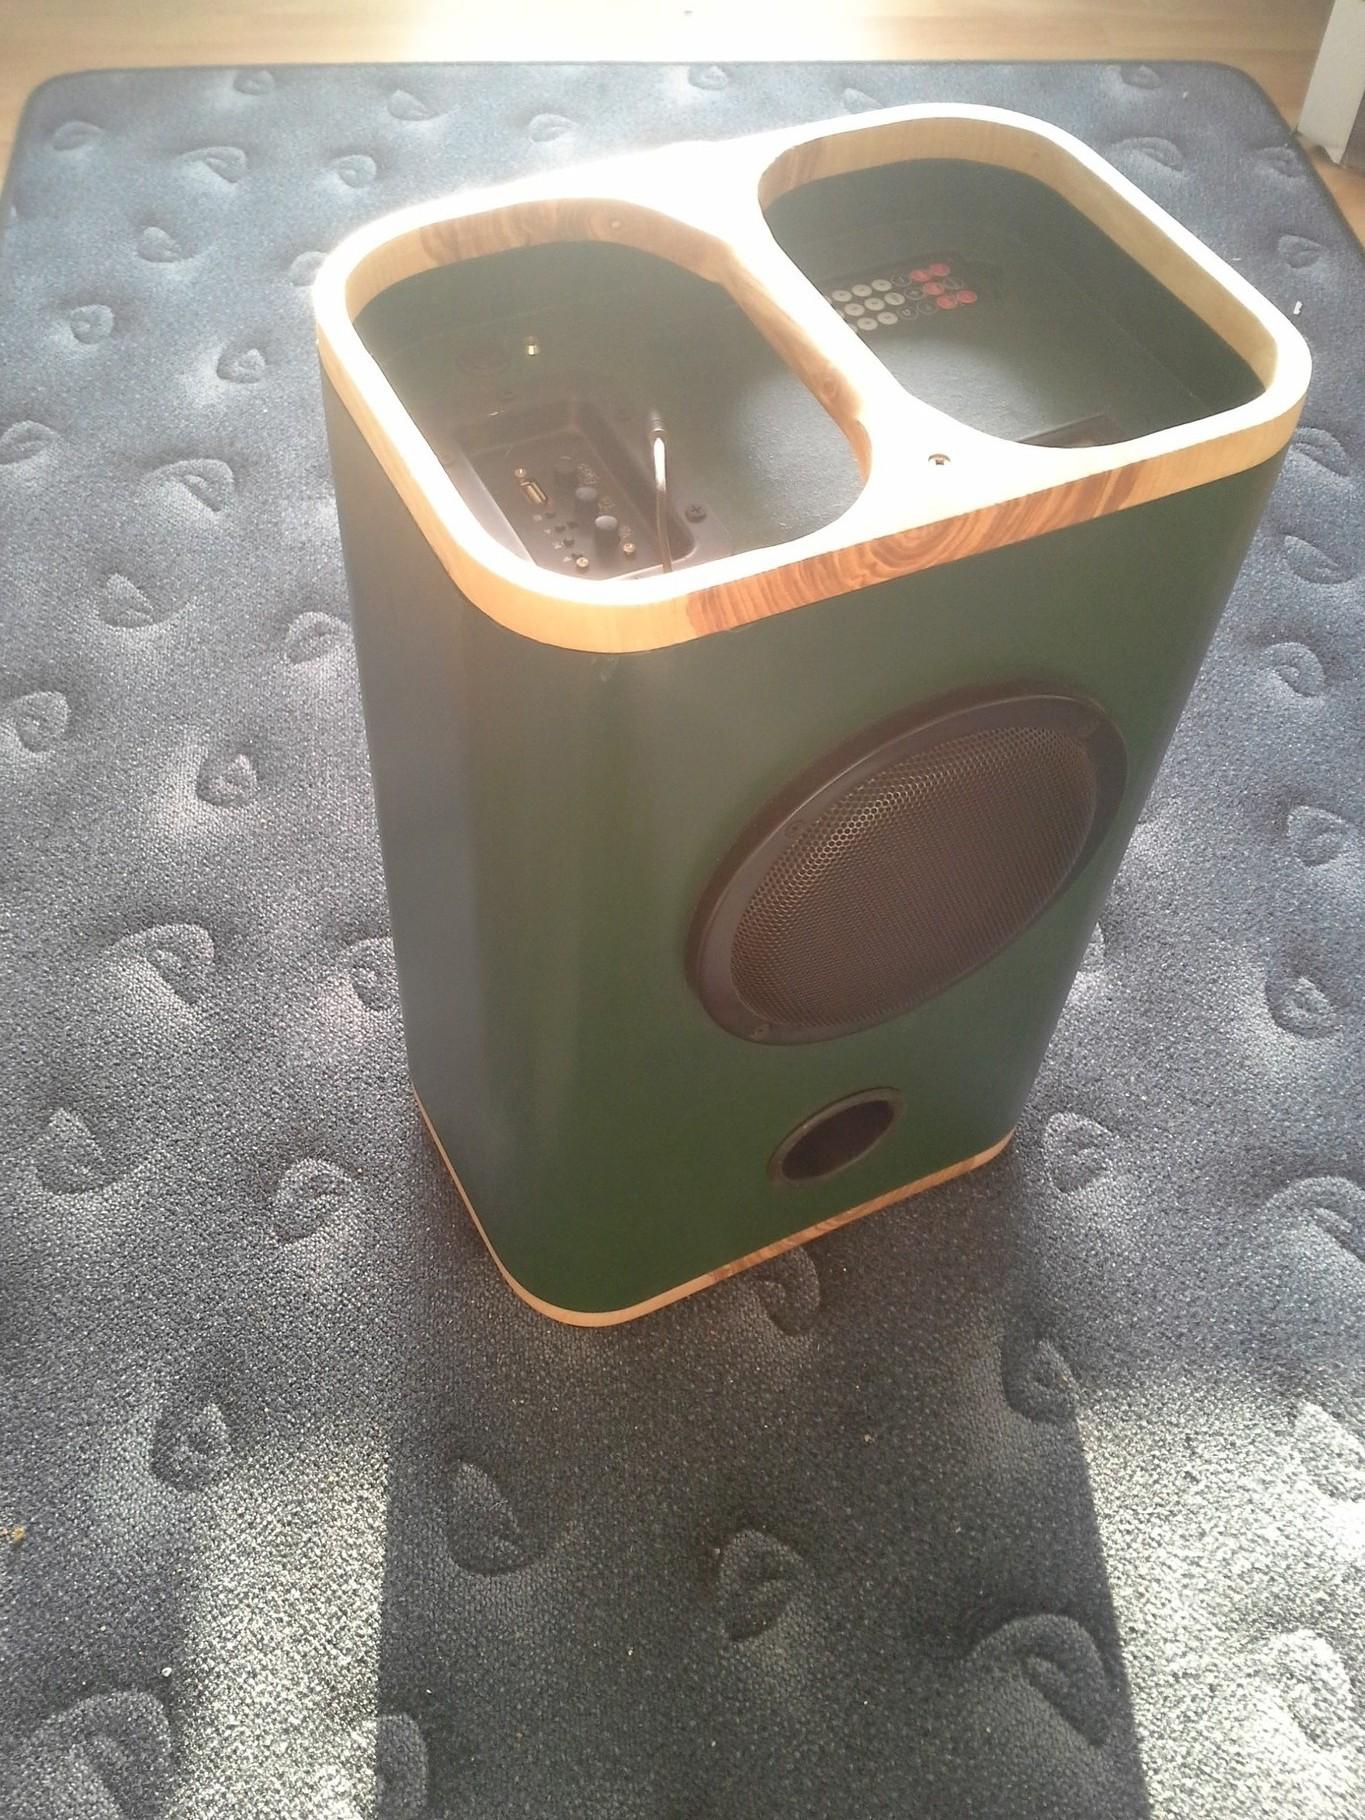 Bass-Reflex-Rohr 5 Stück 7,5 cm Durchmesser Subwoofer Lautsprecher Gehäuse Bau